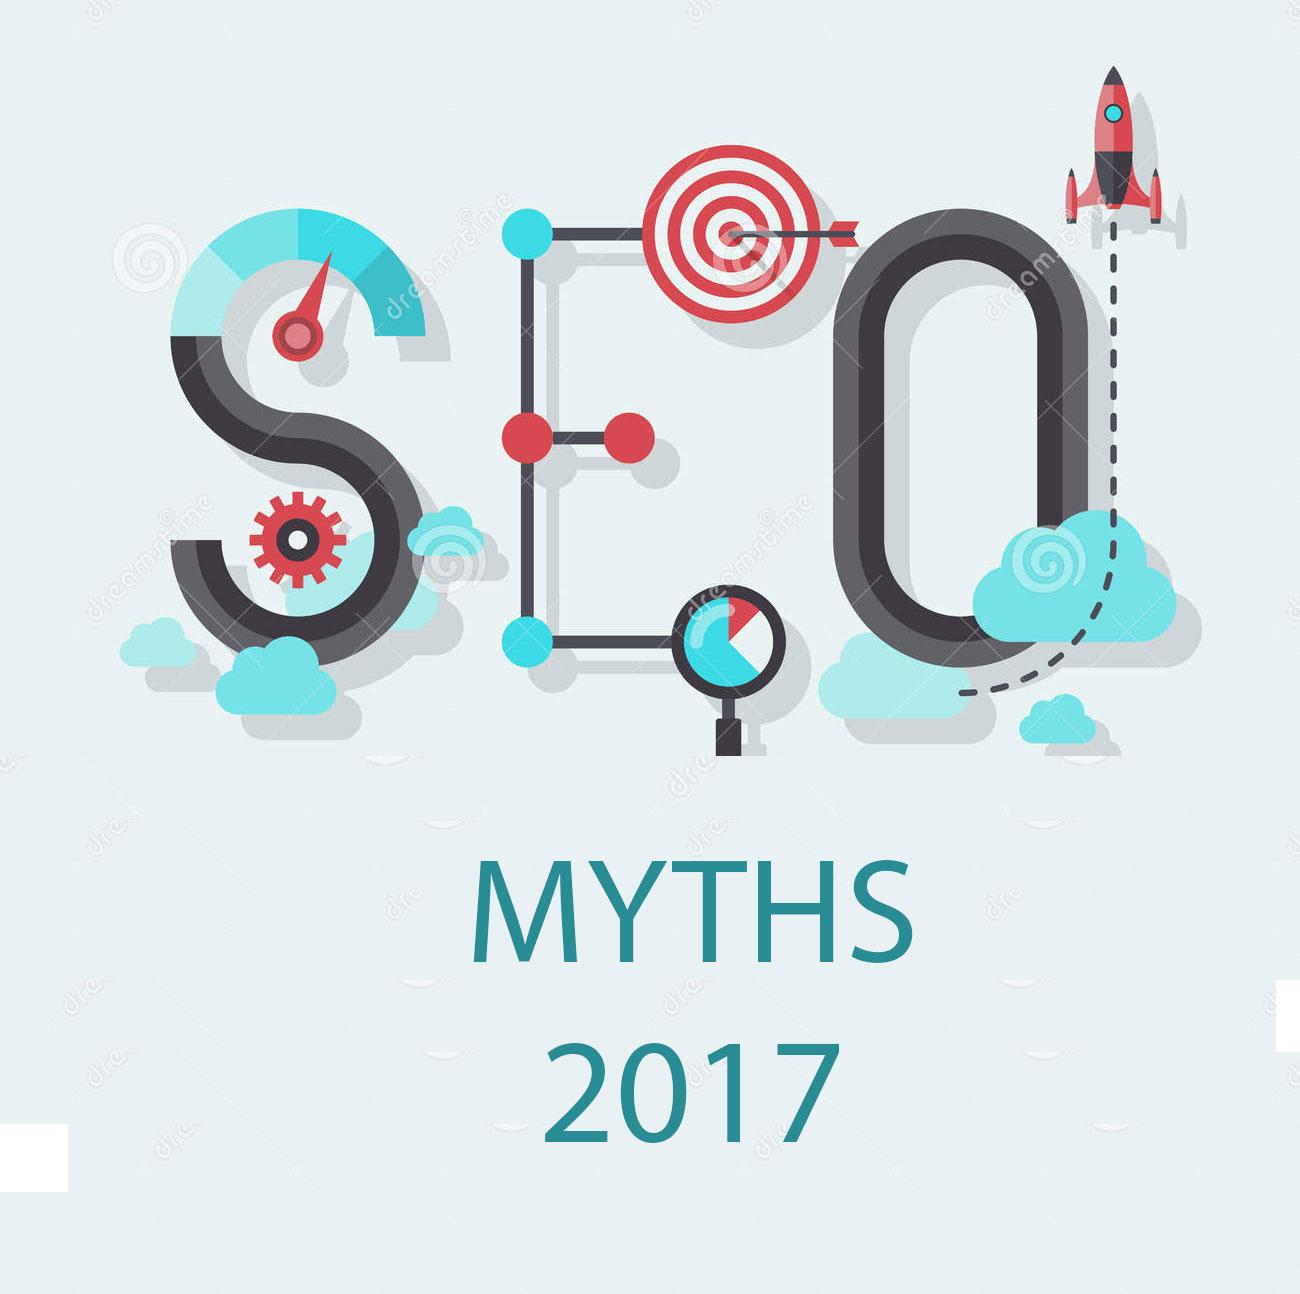 SEO Myths in 2017